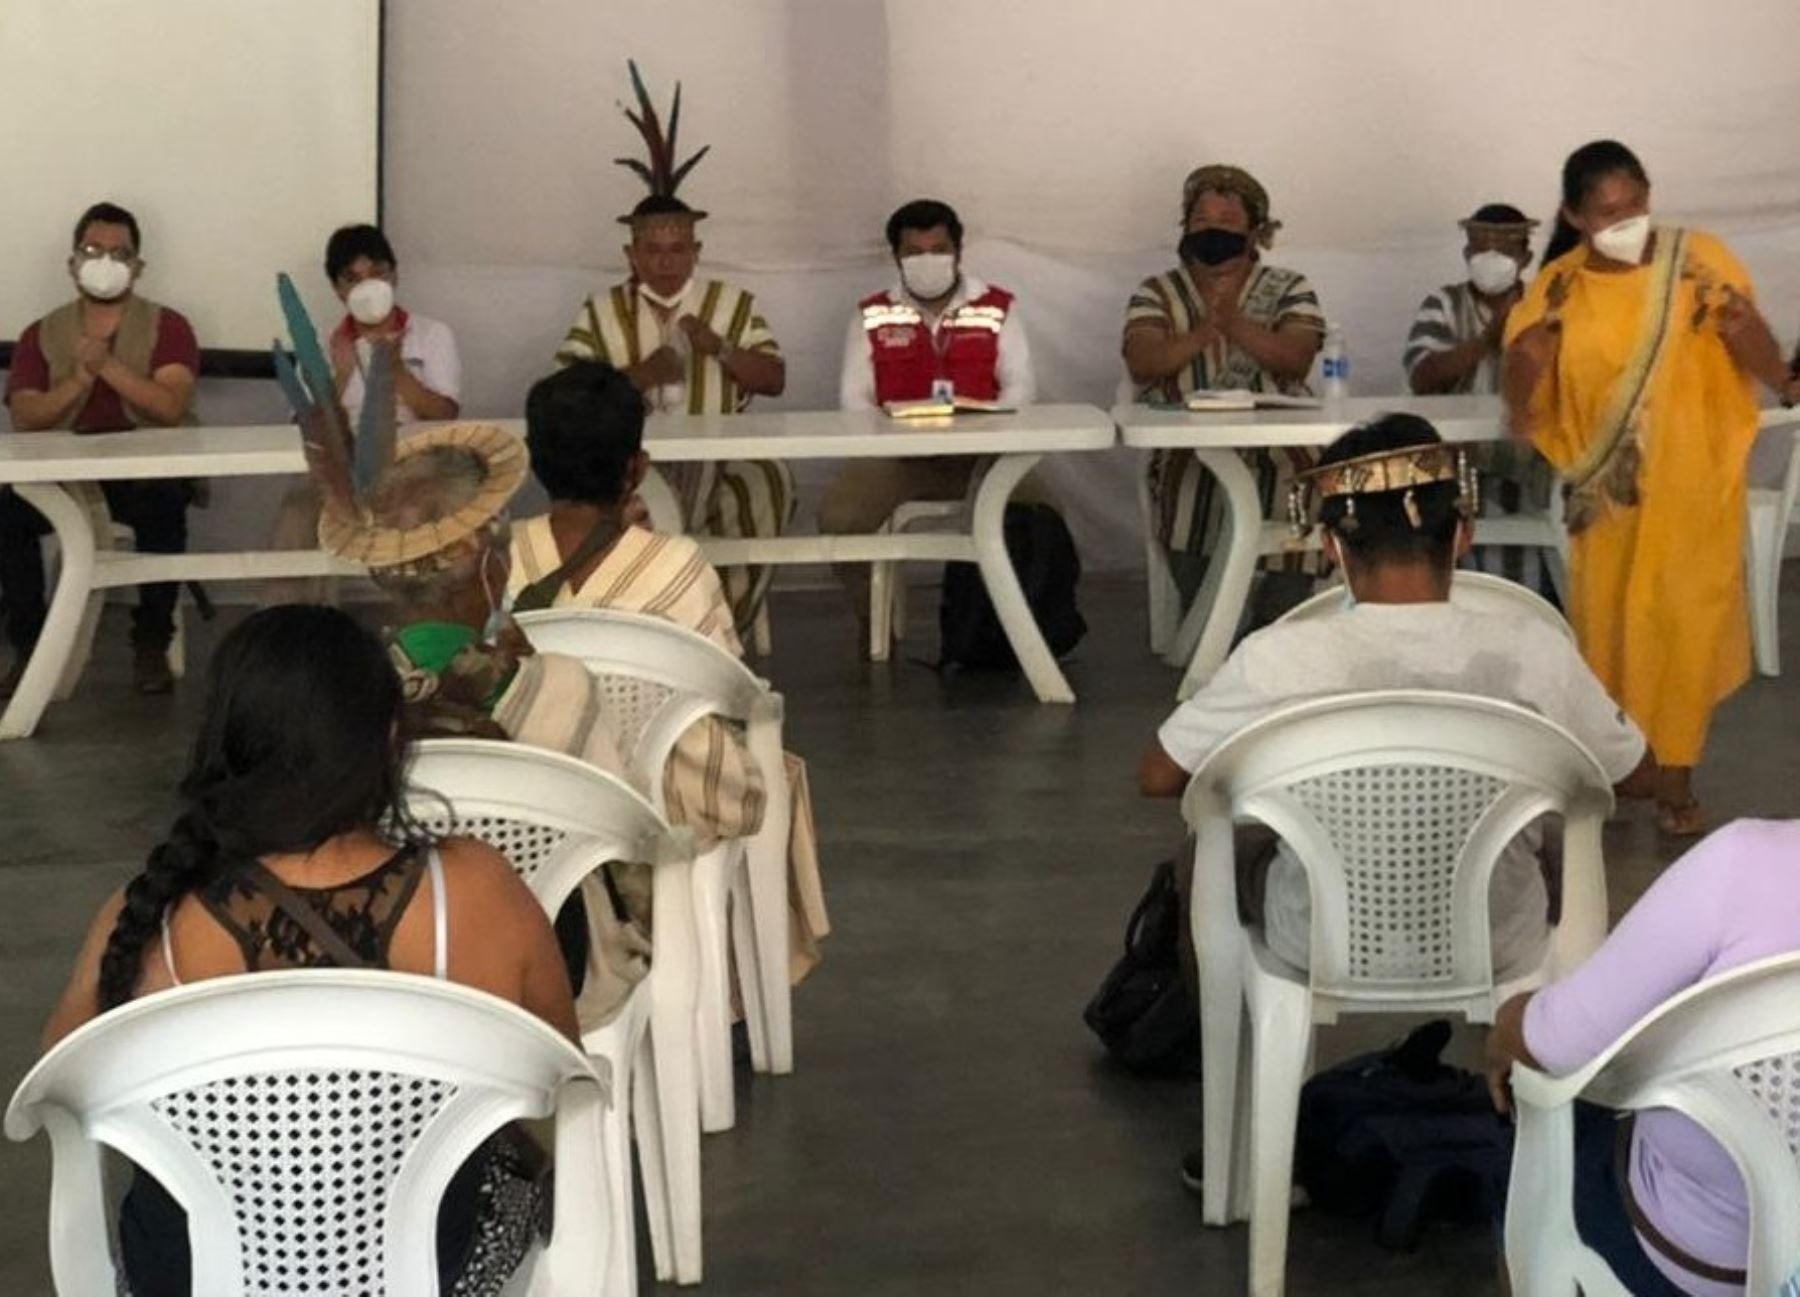 Ministerio de Cultura reforzará capacitación a más de 300 líderes indígenas de cinco regiones ante el coronavirus (covid-19). ANDINA/Difusión